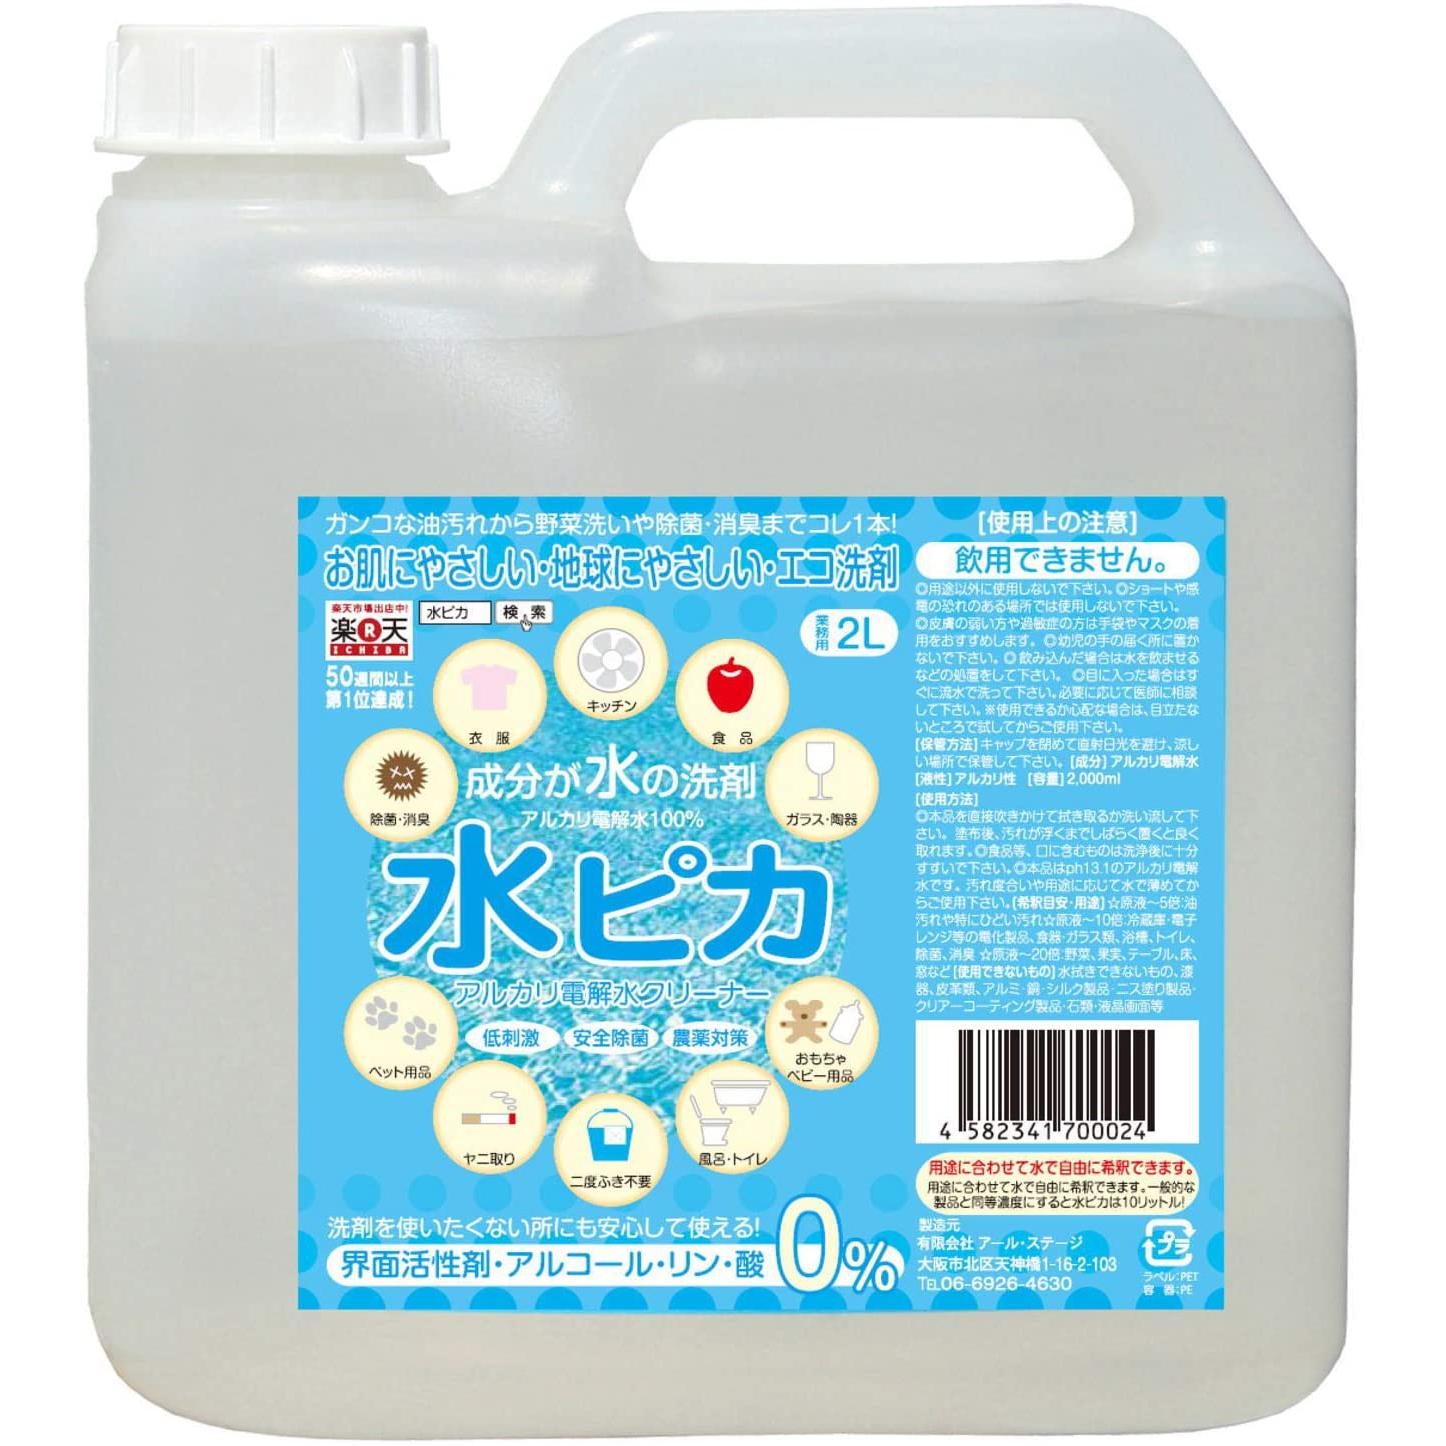 【ポイント13倍相当】アール・ステージ日本デイリーヘルス株式会社<掃除・洗濯・除菌に>水ピカ・2000ml×6本